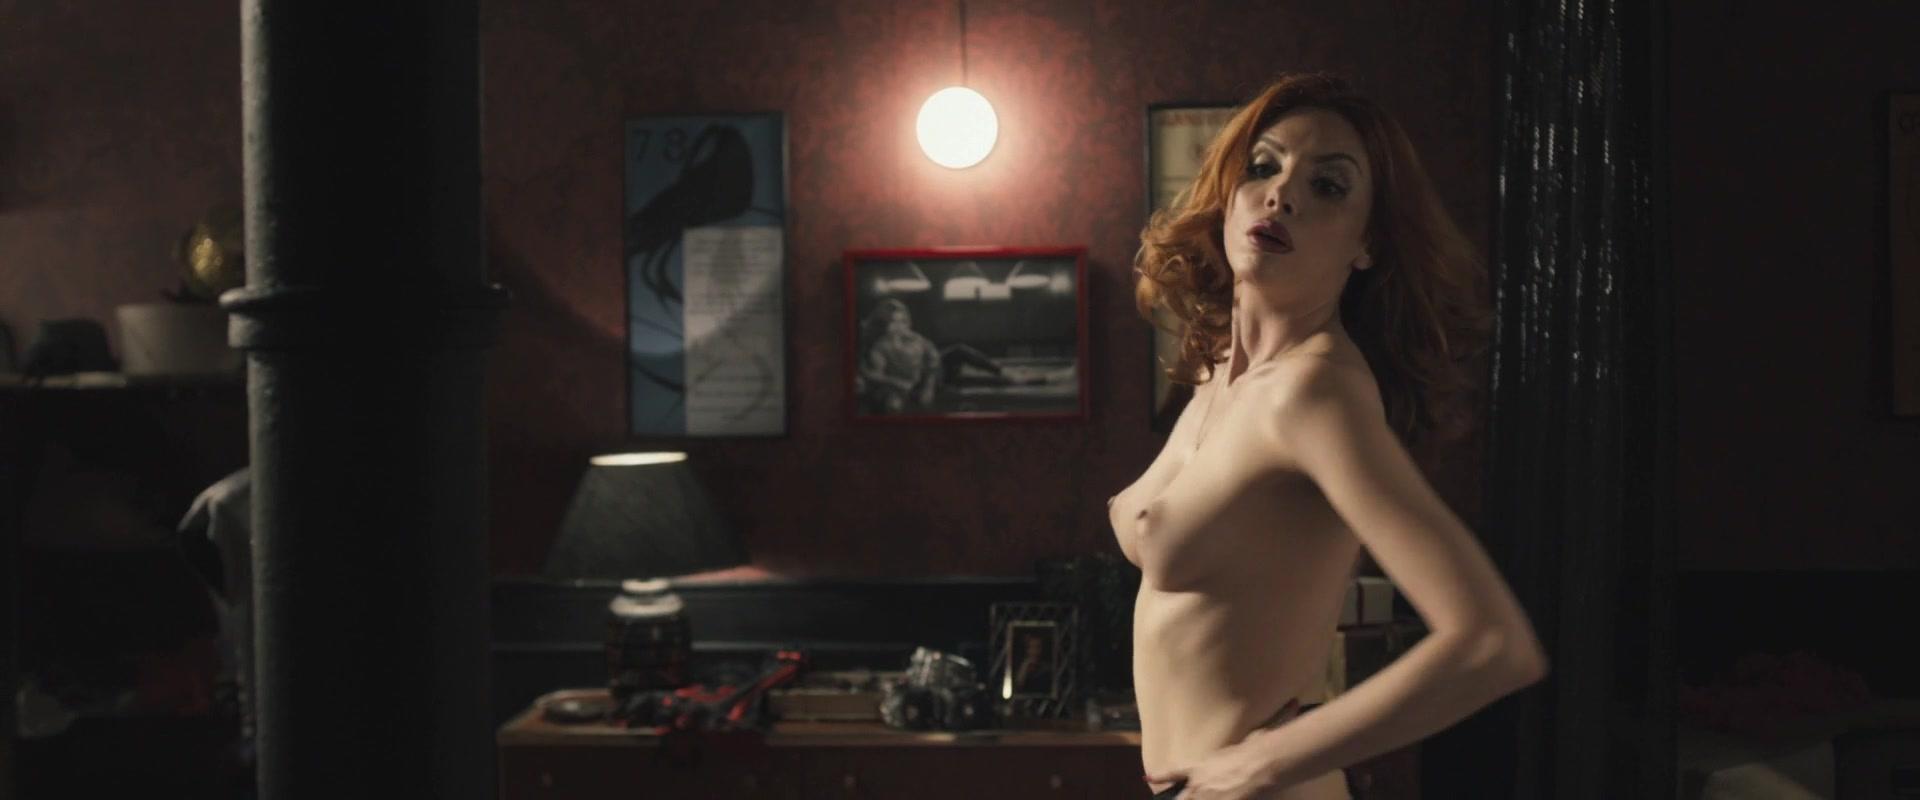 Ilenia pastorelli nude